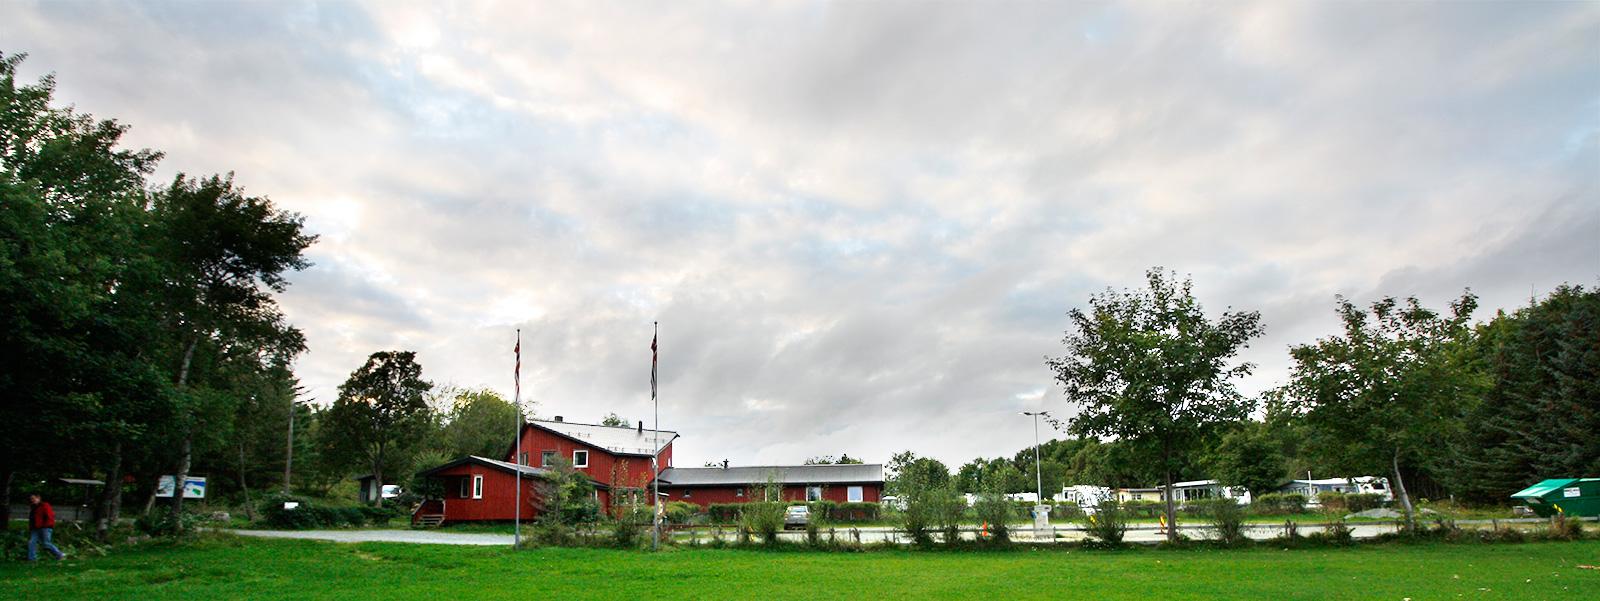 Austrått Camping & Motel